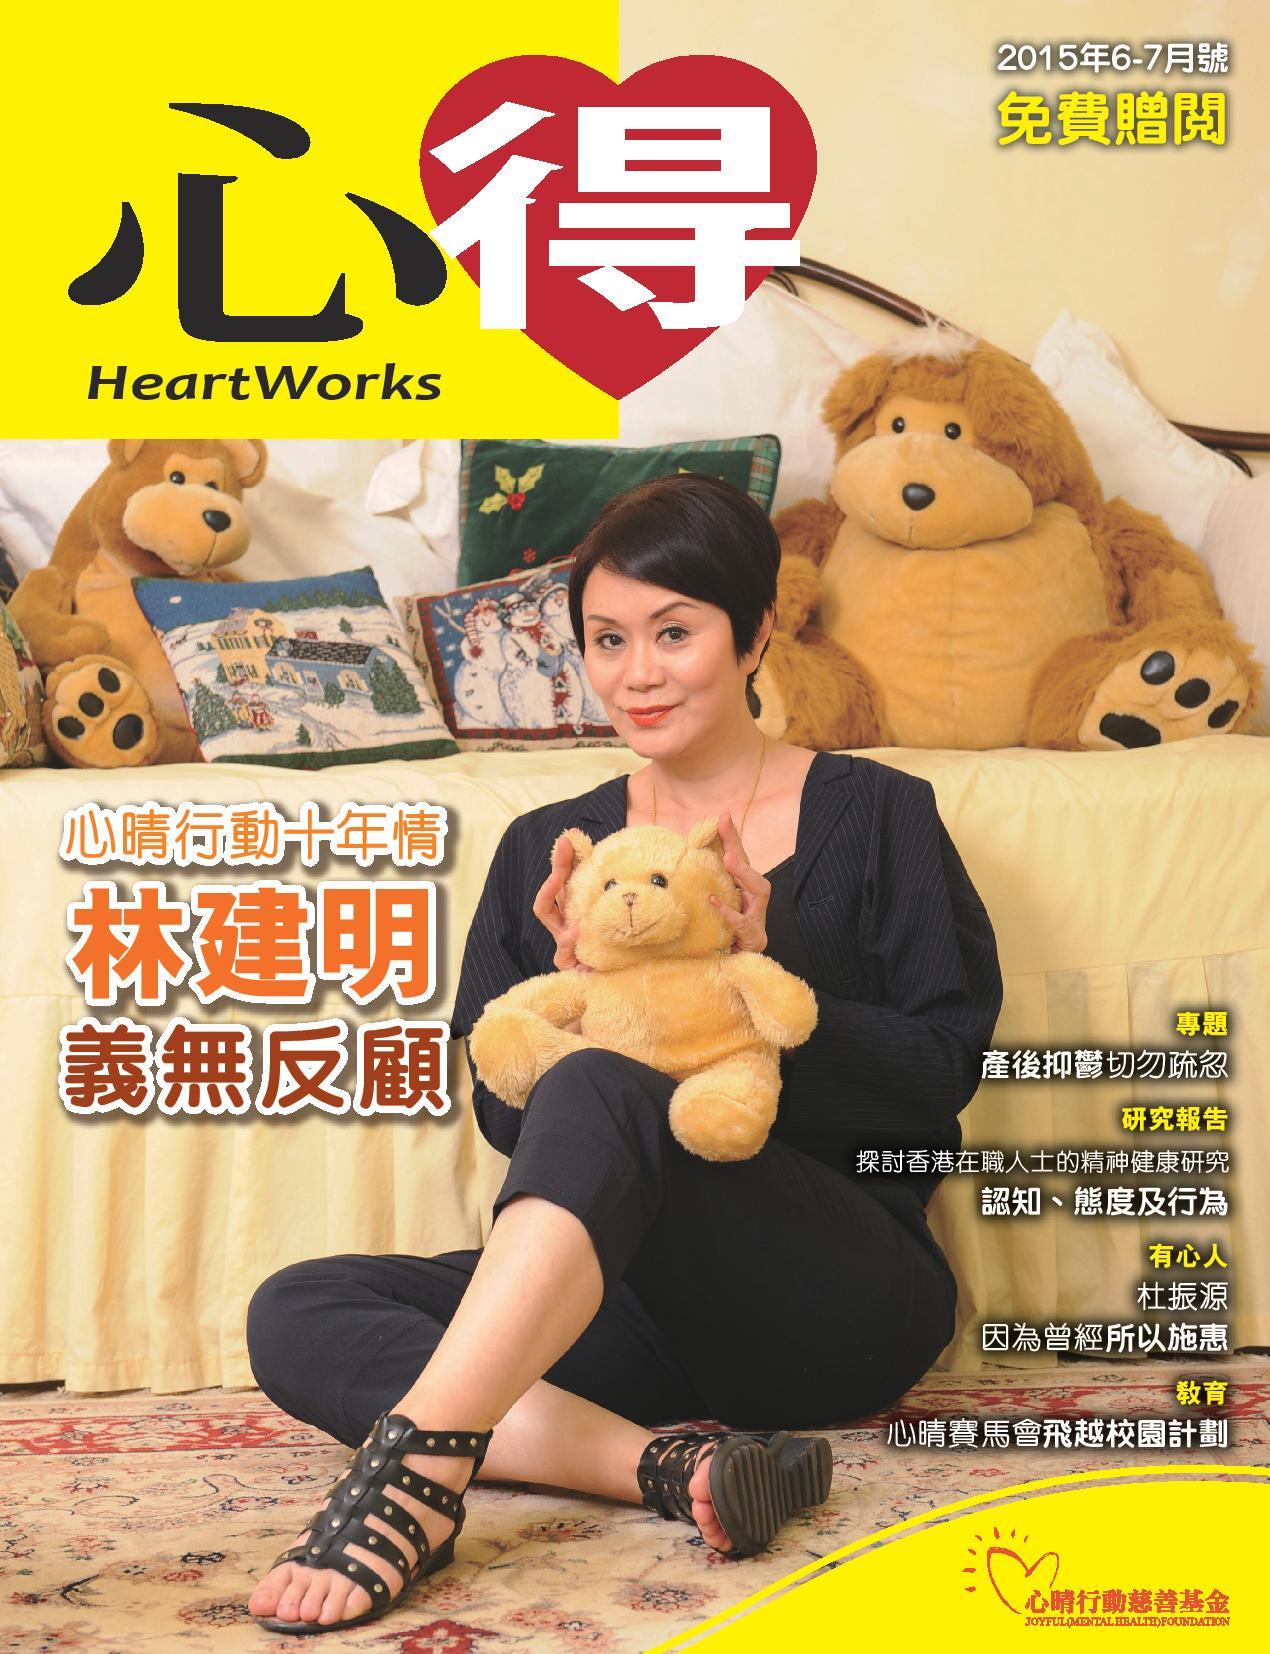 2015年6-7月號 《心得》雙月刊